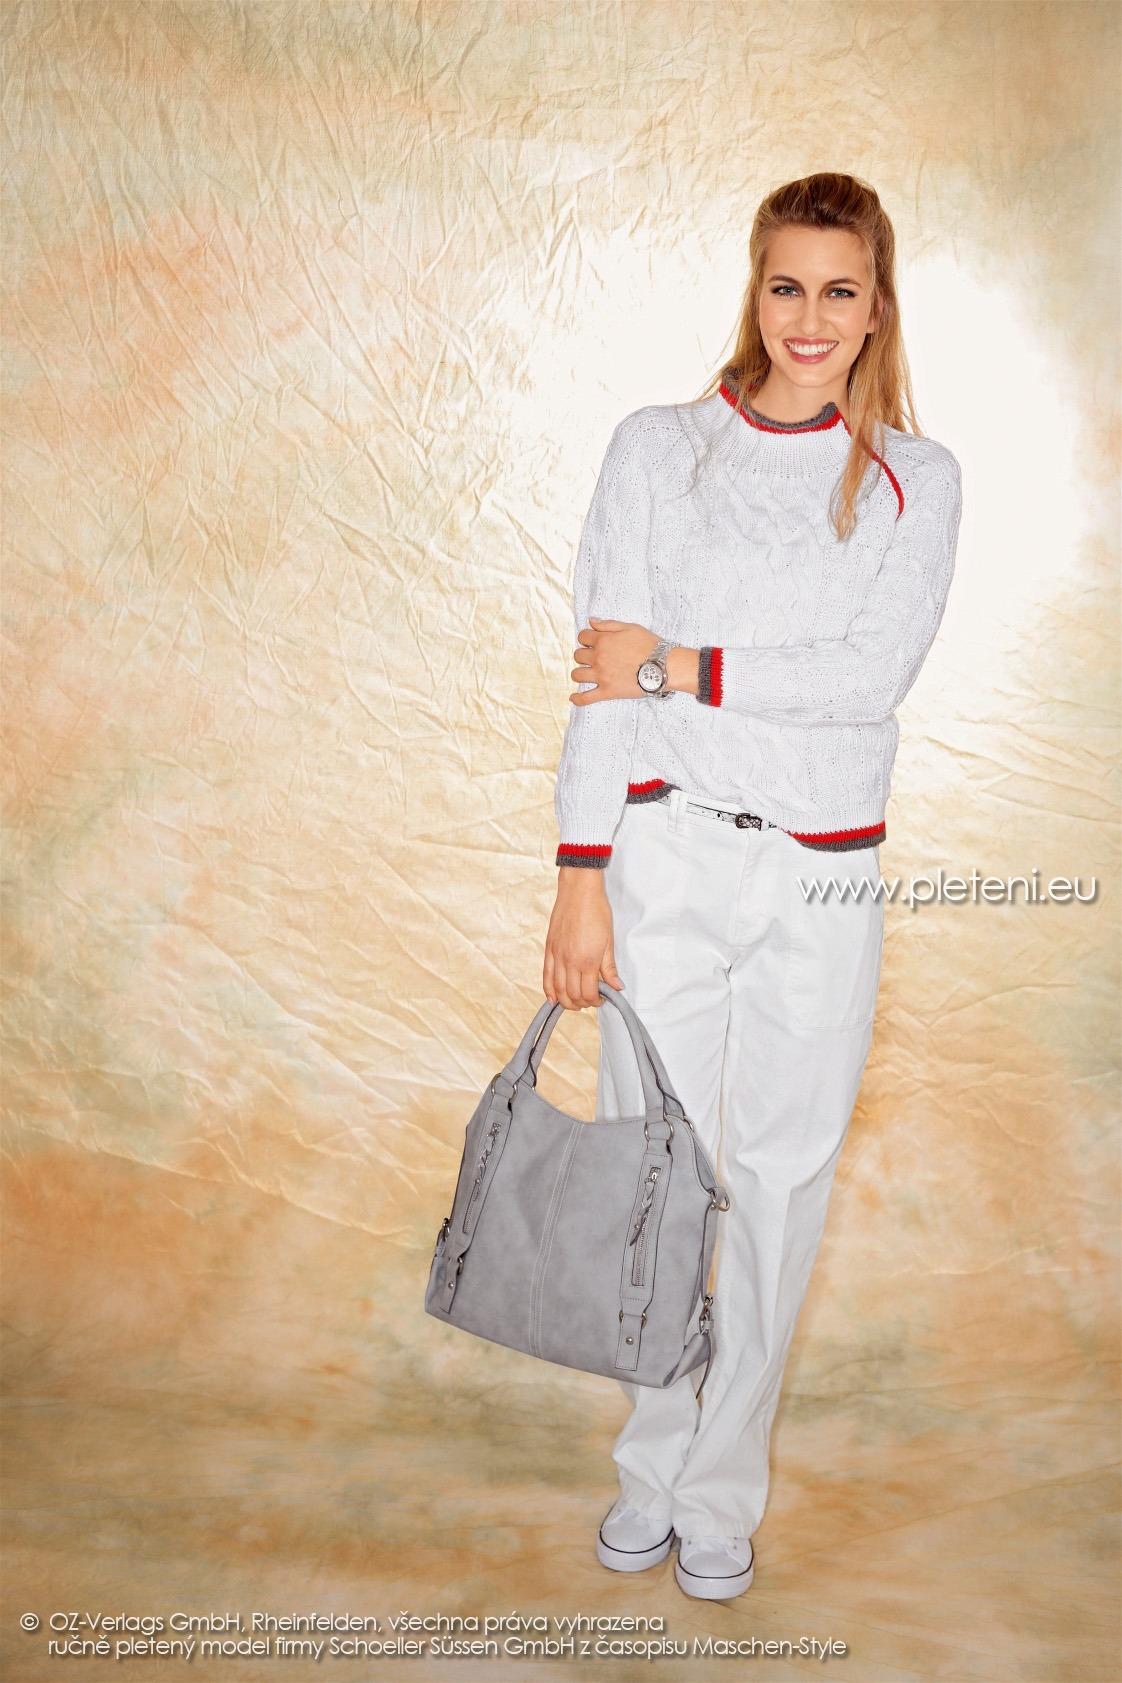 2017-2018 model 15 dámský pletený svetr z příze Allround firmy Schoeller